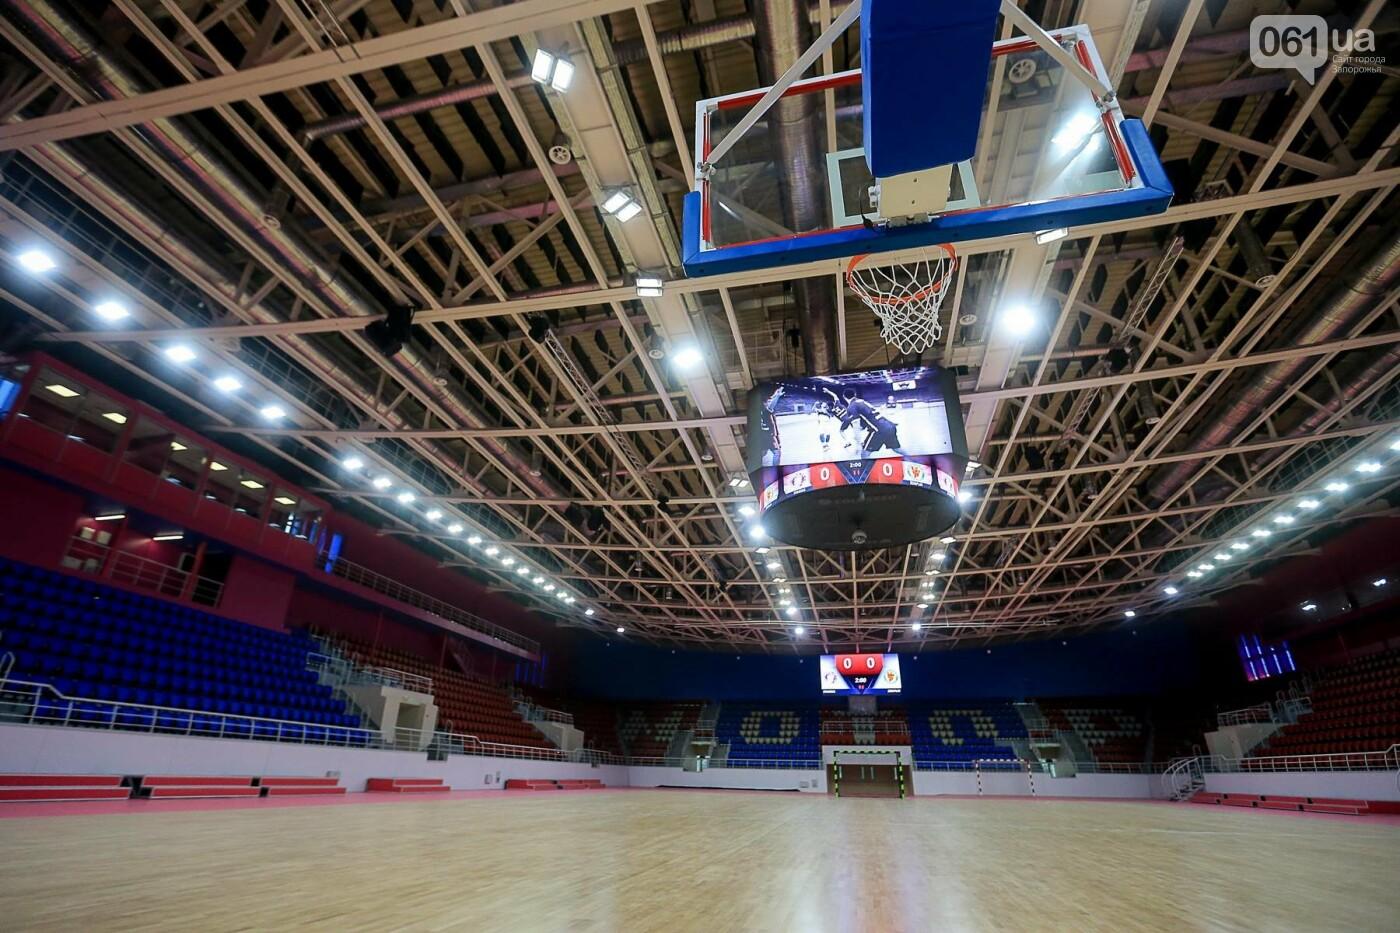 Представители Европейской гандбольной федерации проинспектировали запорожскую «Юность», - ФОТО, фото-3